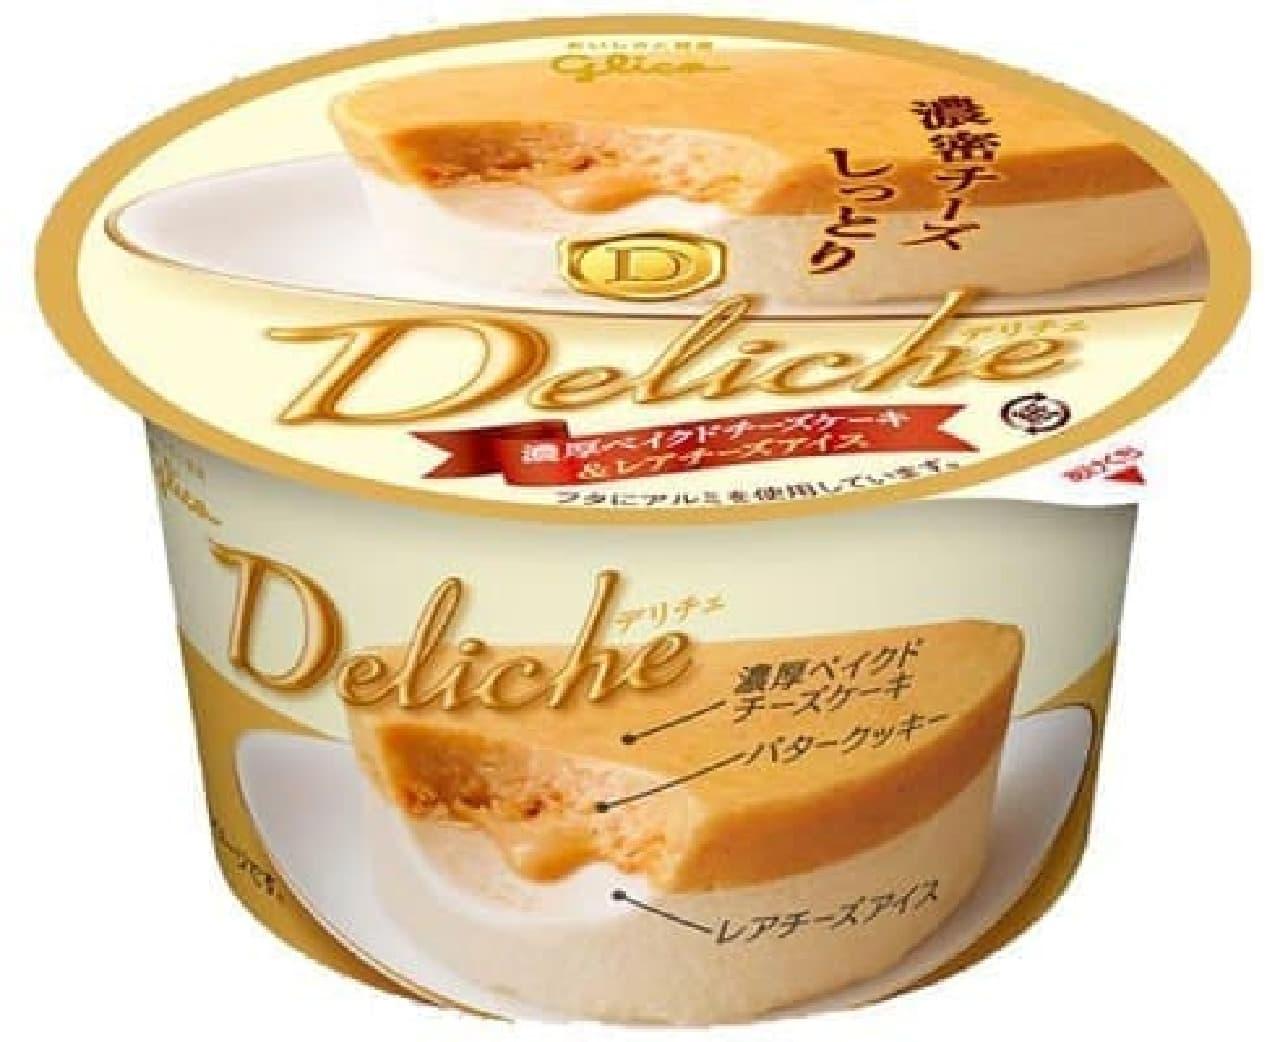 「デリチェ 濃厚ベイクドチーズケーキ&レアチーズアイス」